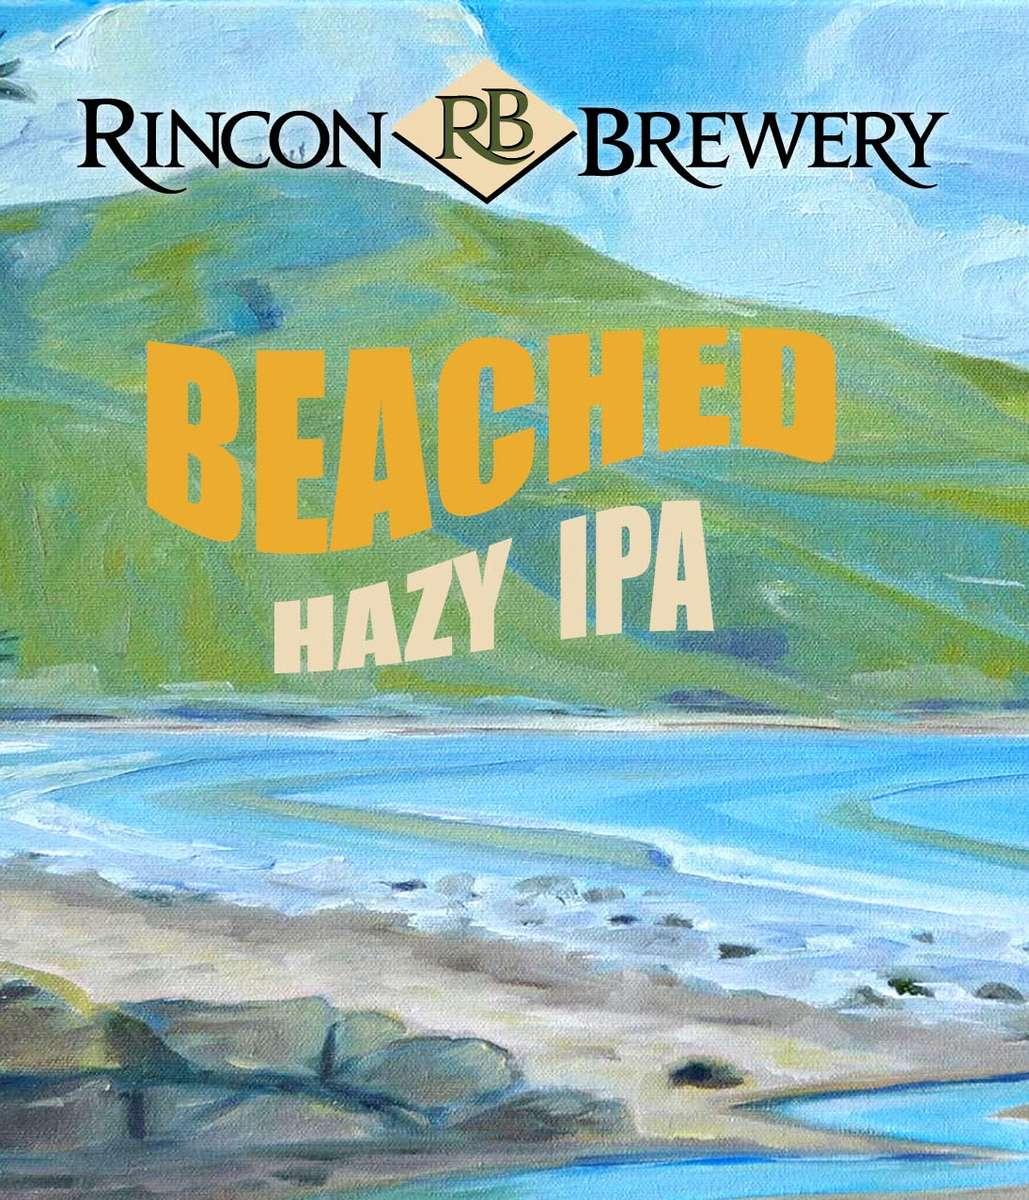 Beached Hazy IPA